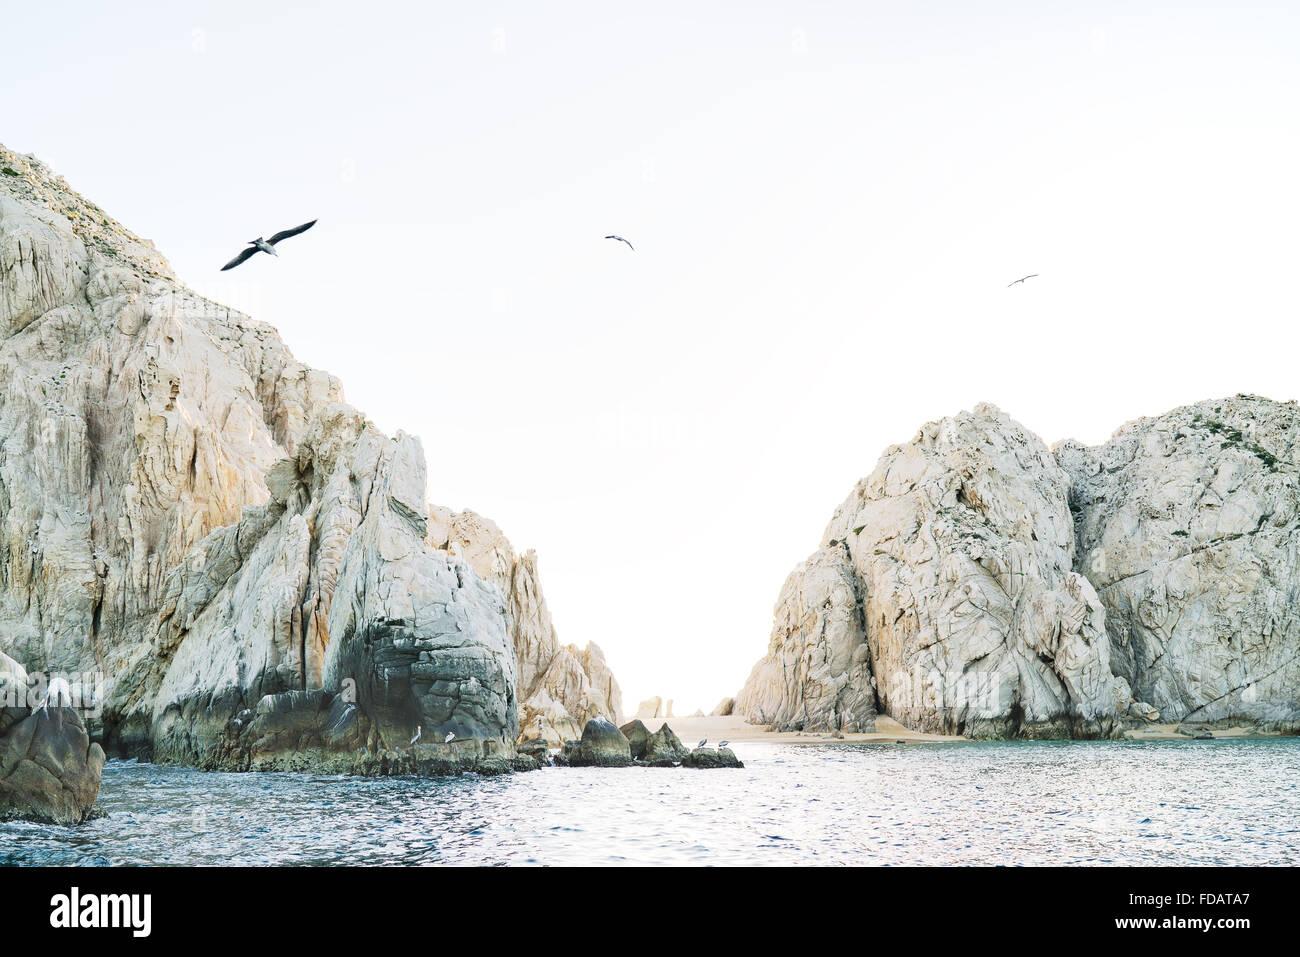 Vögel fliegen über den Pazifischen Ozean und Felsen des Cabo San Lucas, Baja California, Mexiko Stockbild